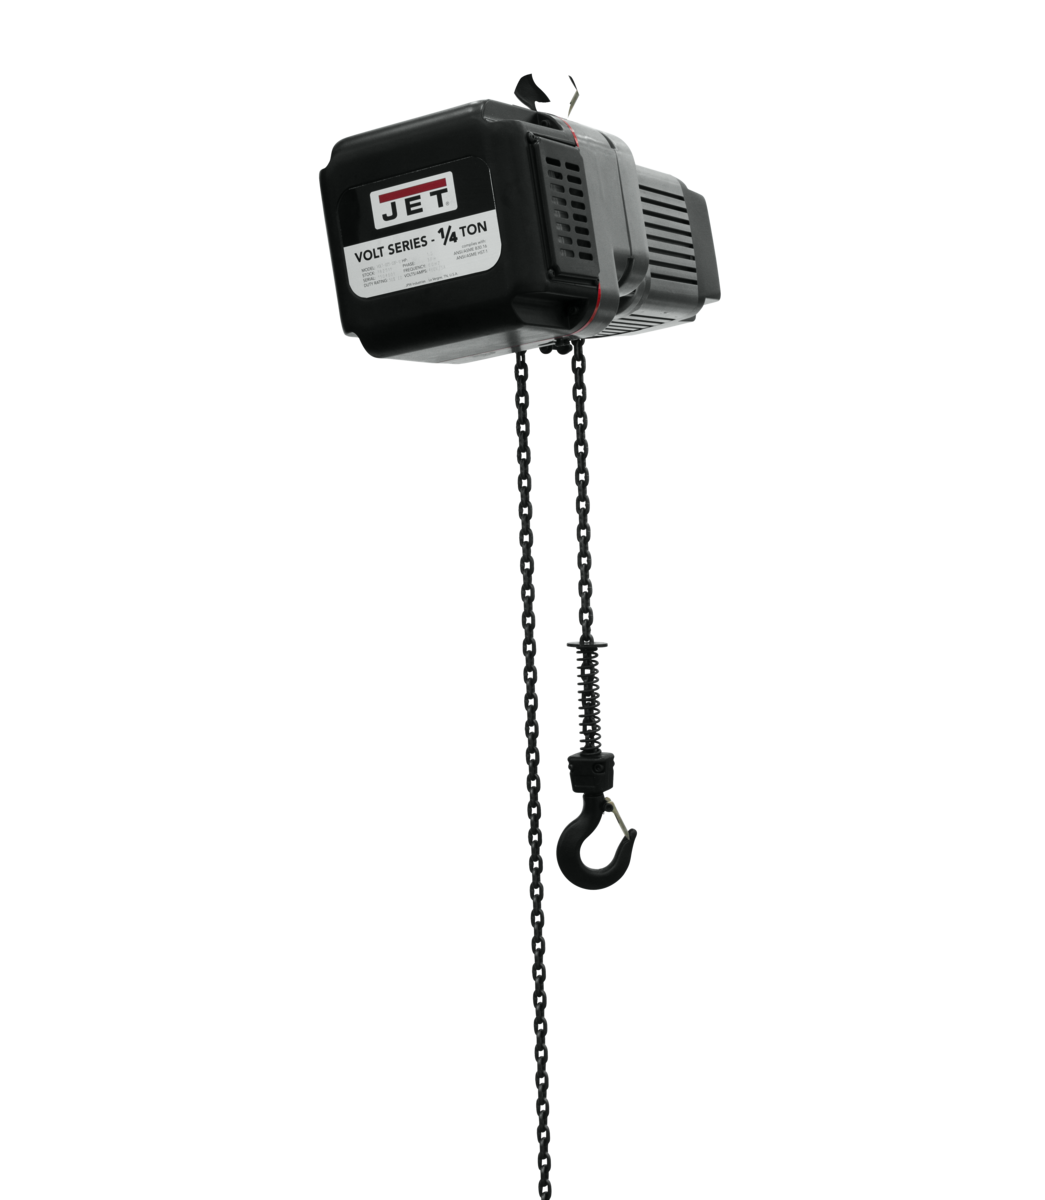 VOLT 1/4T VARIABLE-SPEED ELECTRIC HOIST 1PH/3PH 230V 10' LIFT